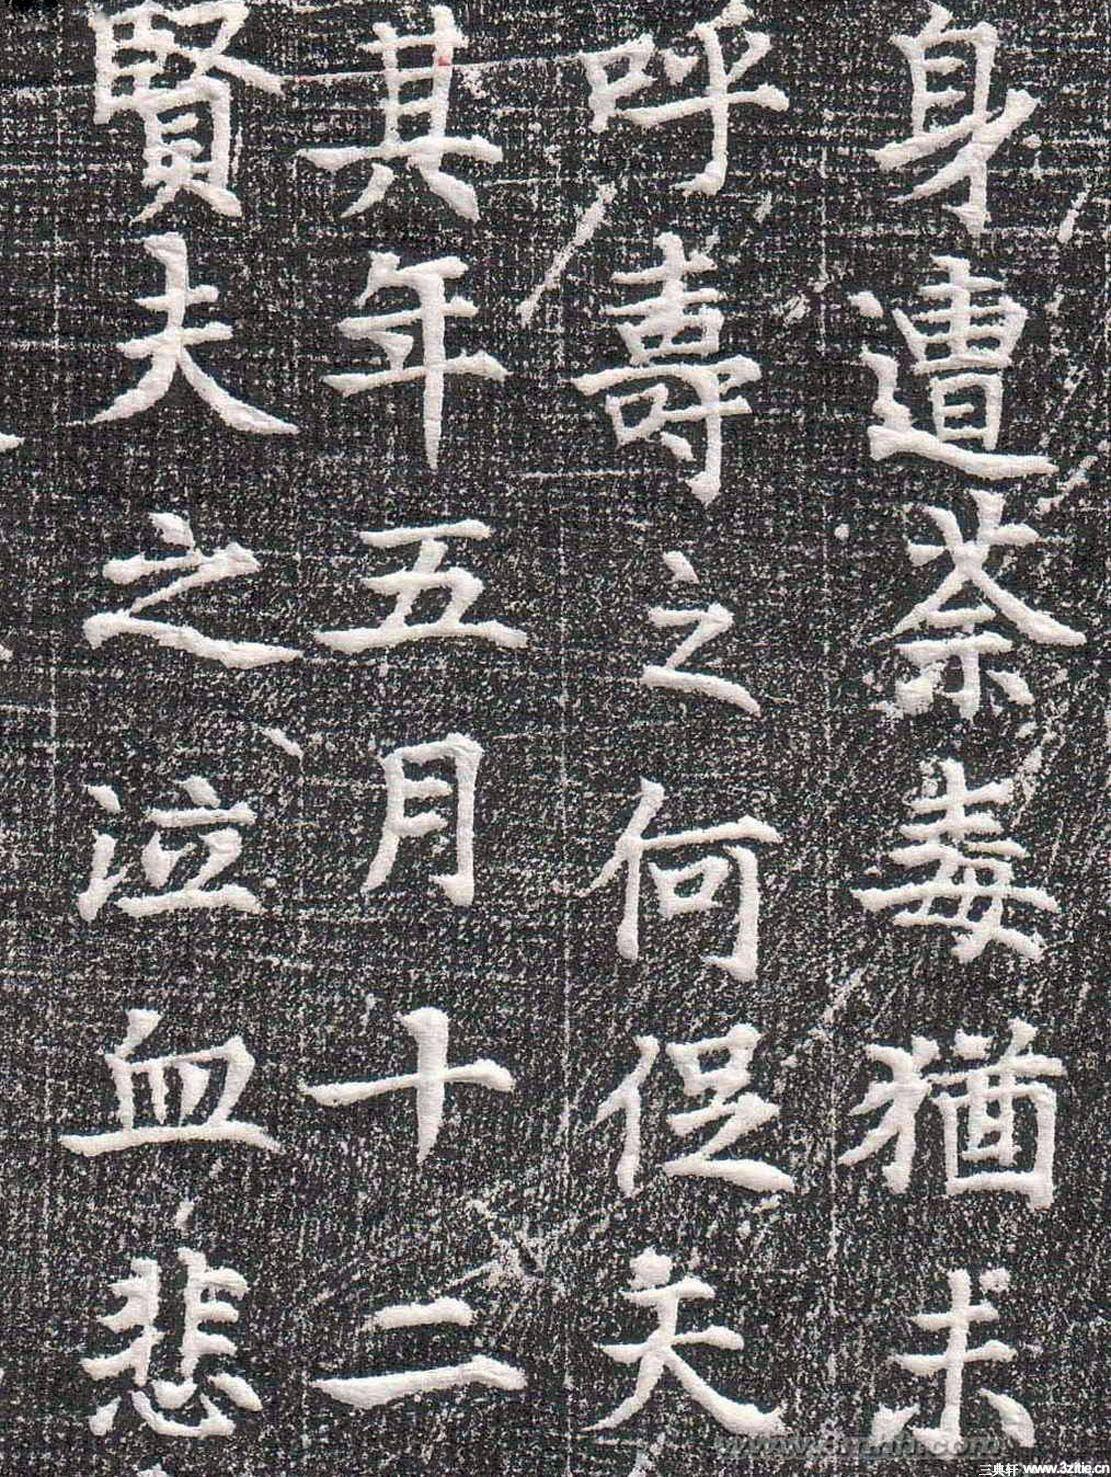 唐代墓志碑文石刻书法《意幼墓志》0008作品欣赏